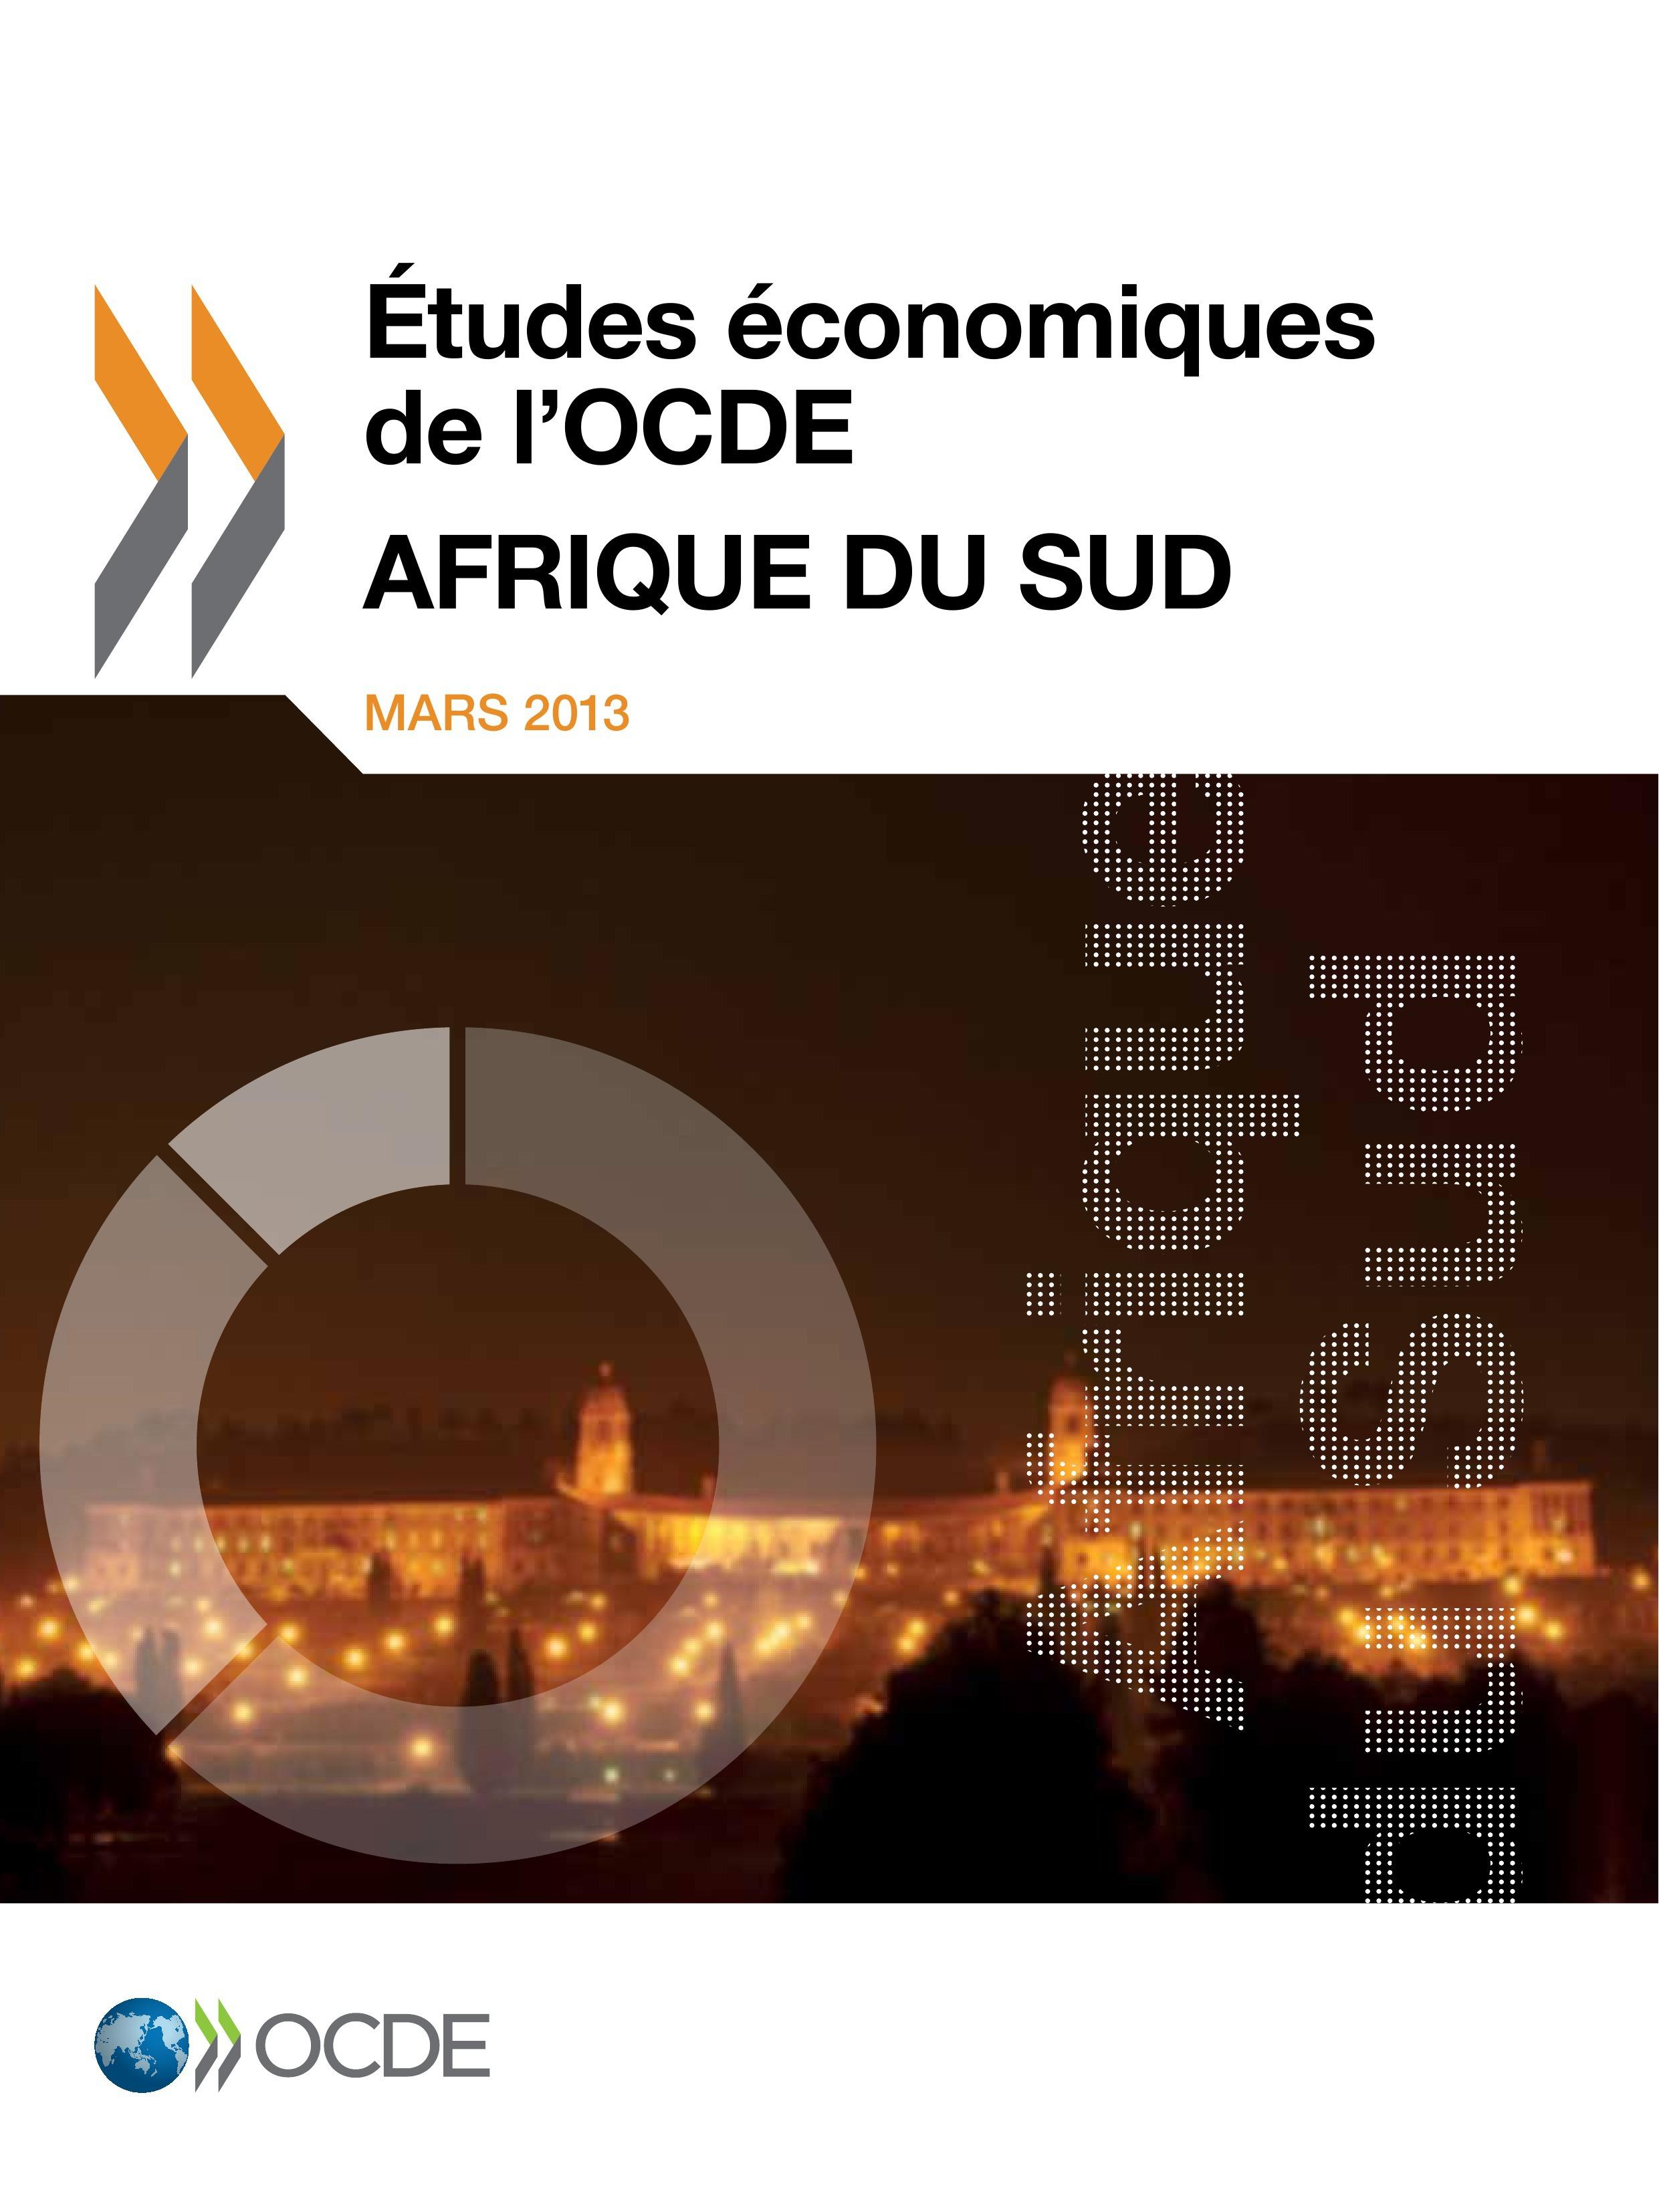 Afrique du Sud ; études économiques de l'OCDE, mars 2013